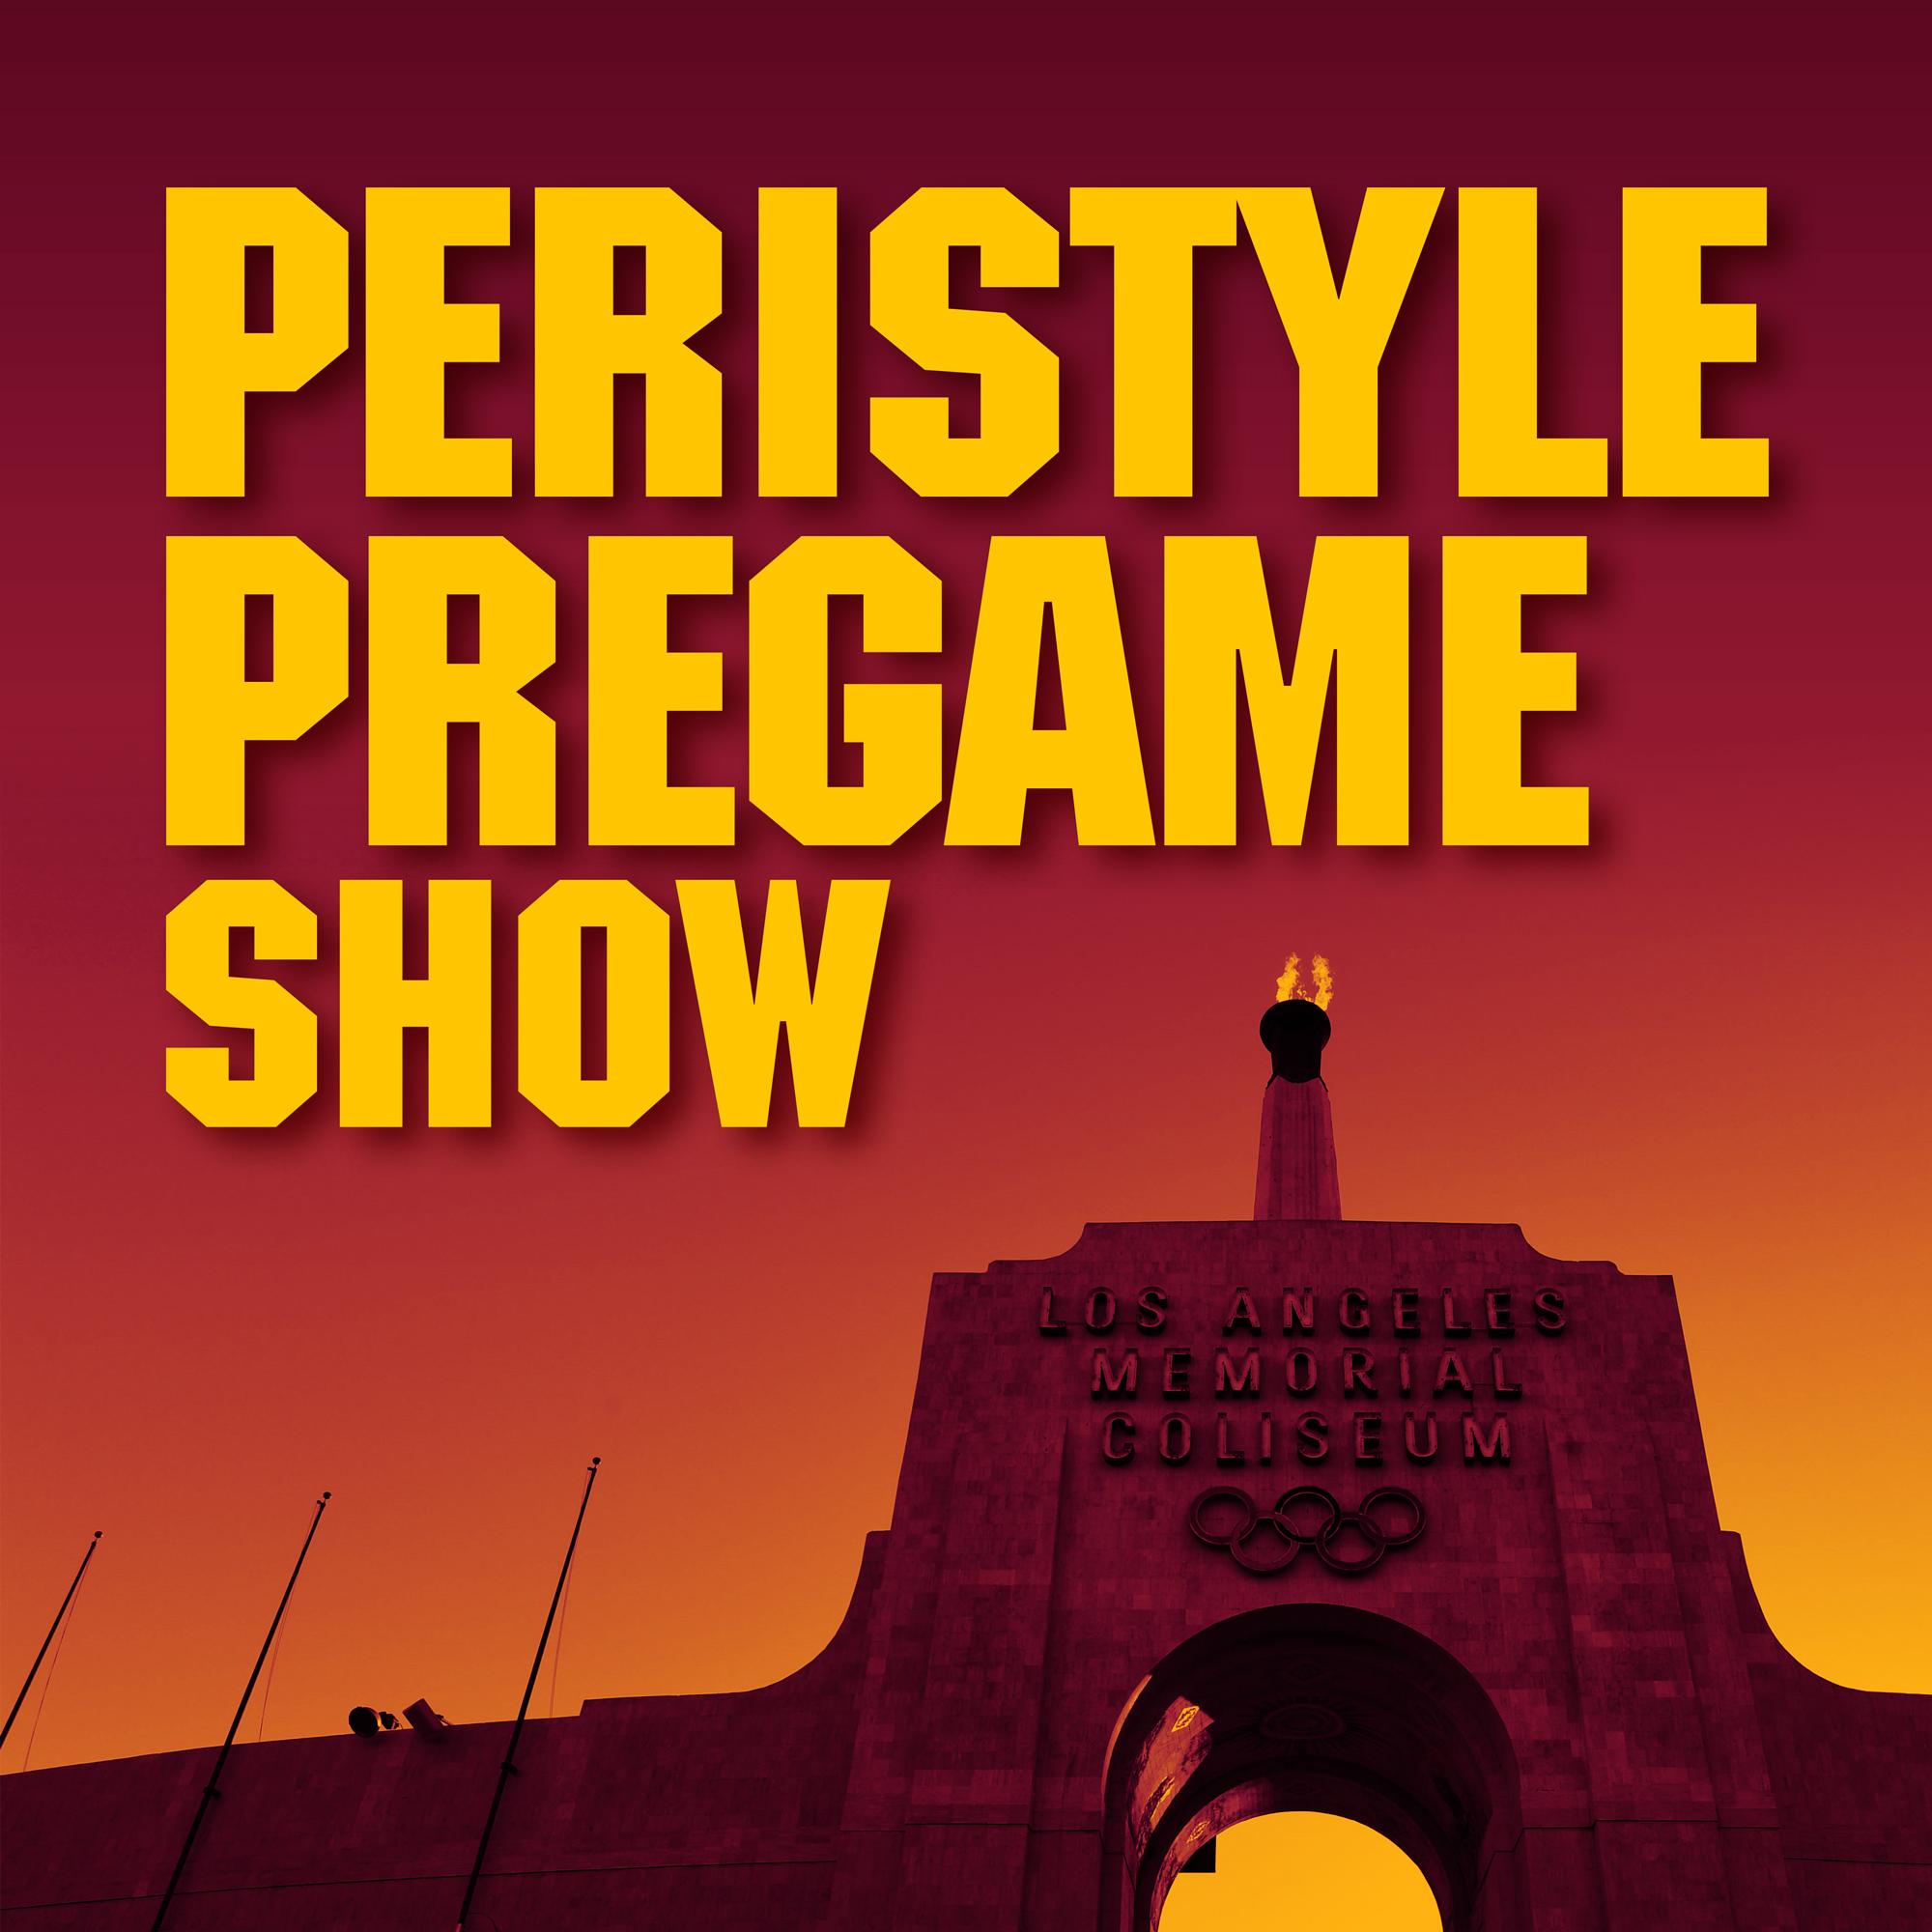 Peristyle Pregame Show - USC vs. Arizona State